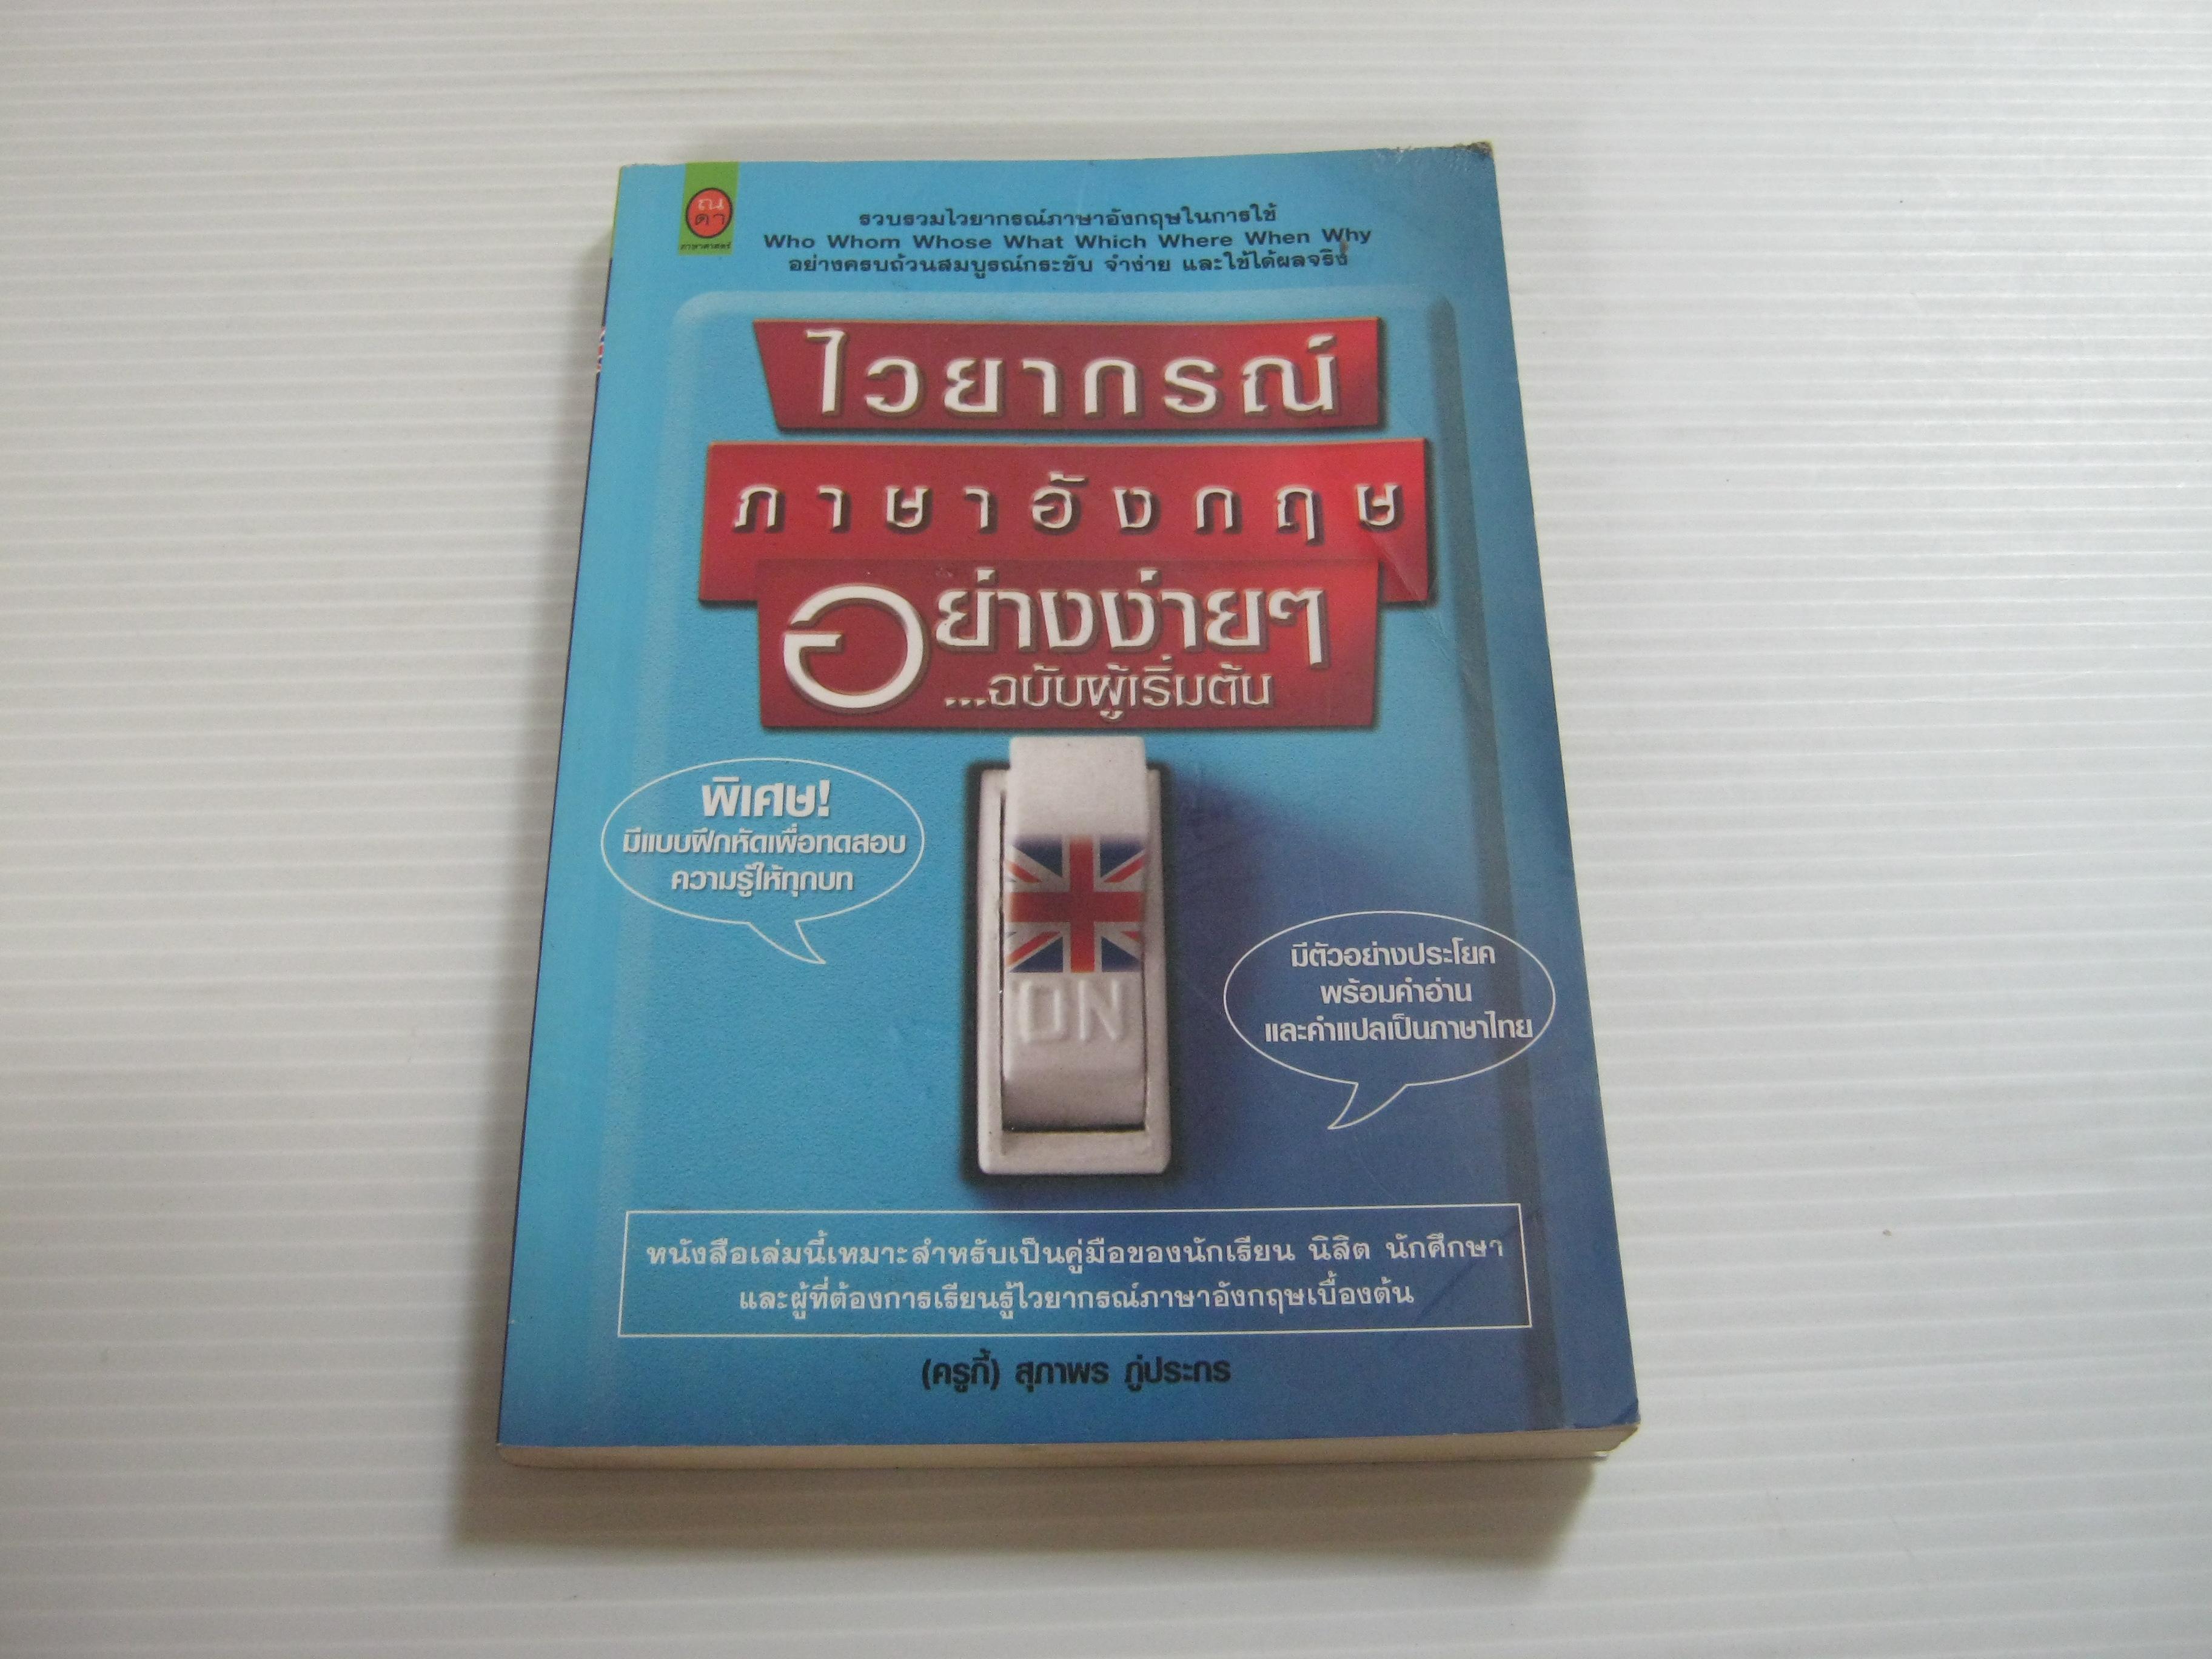 ไวยากรณ์ภาษาอังกฤษอย่างง่าย ๆ ...ฉบับผู้เริ่มต้น โดย ครูกี้ สุภาพร ภู่ประกร